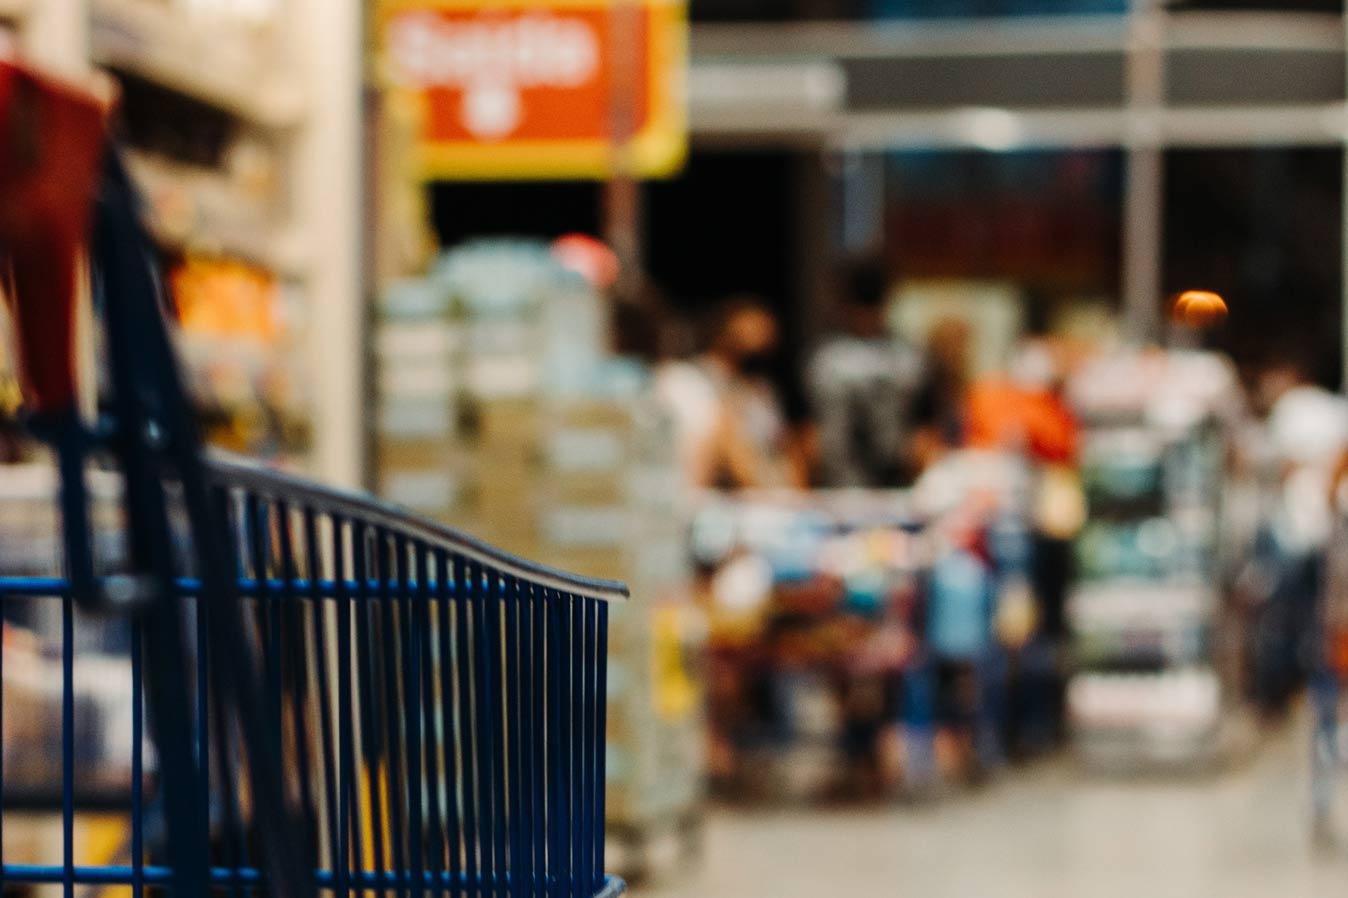 В Евросоюзе появятся новые правила маркировки срока годности на товарах